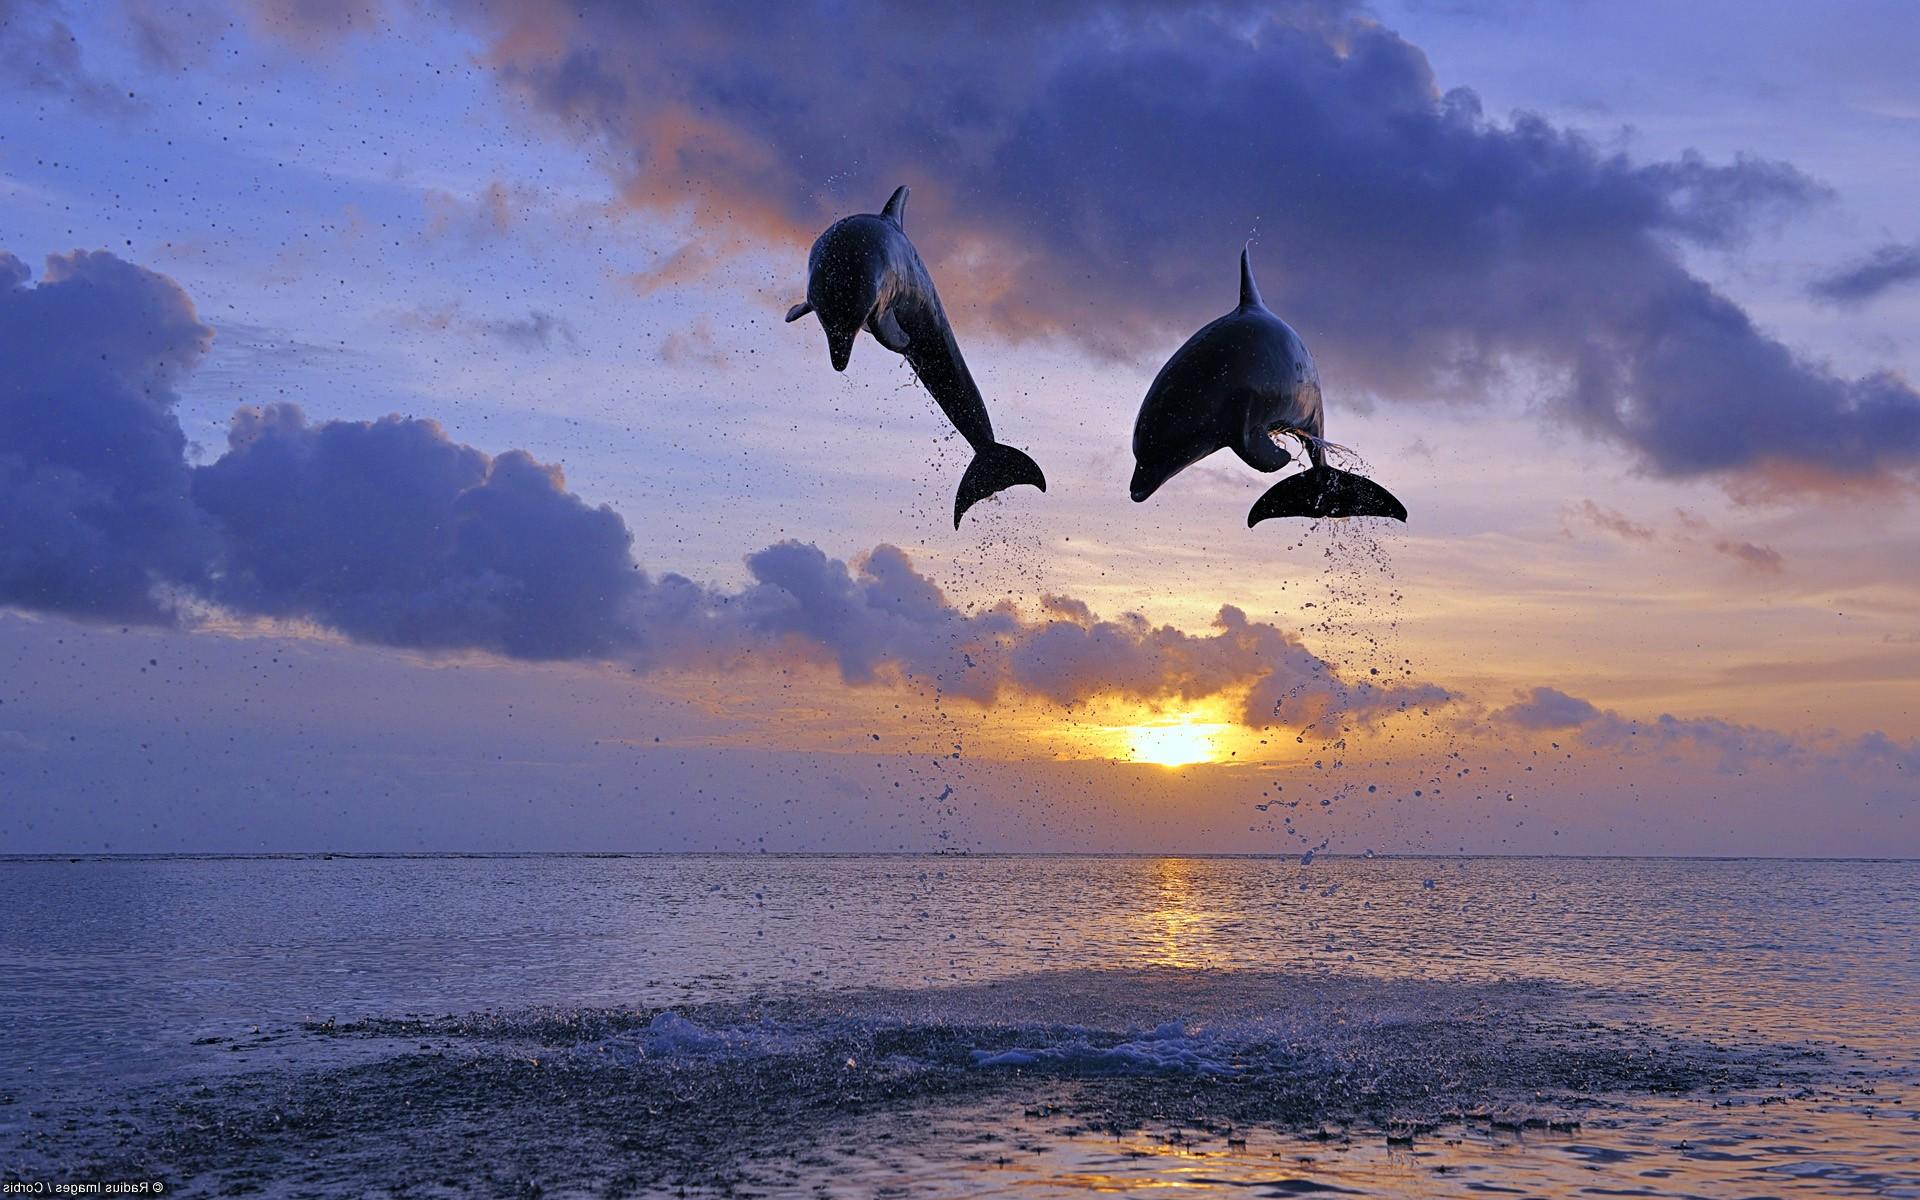 Обои для рабочего стола Рыбы и дельфины  картинки на